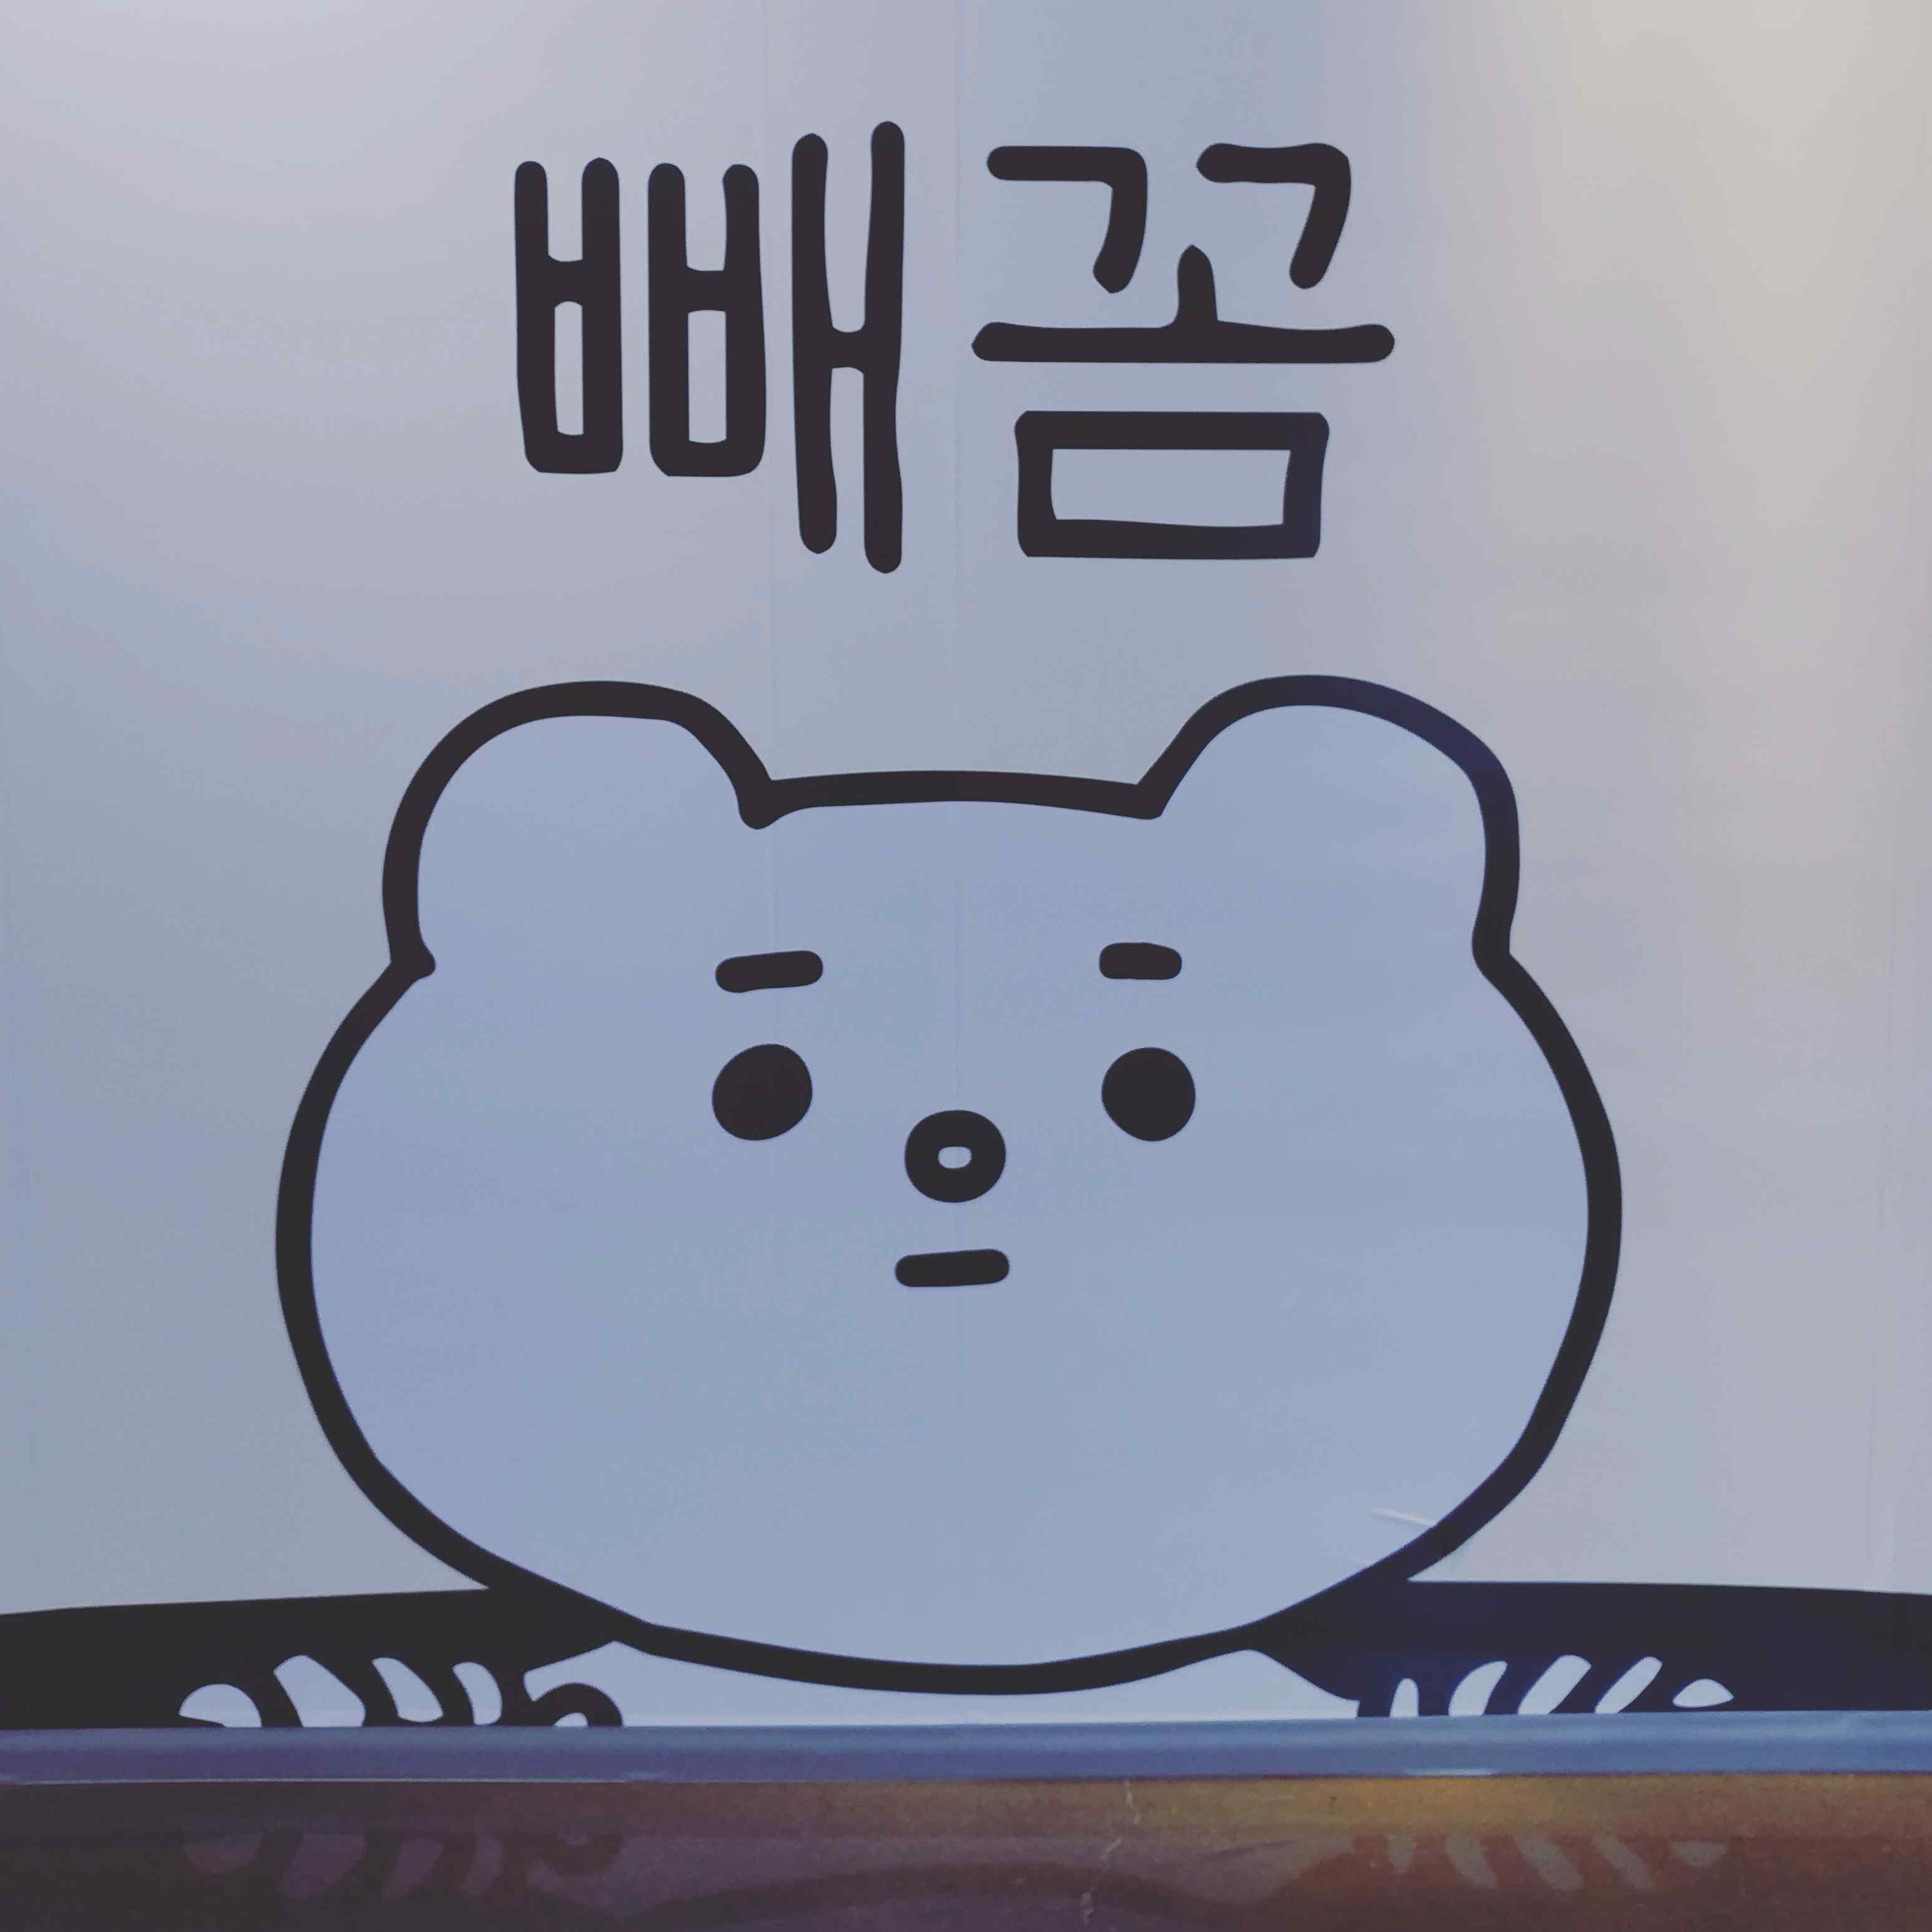 韓國這隻白色的熊形人偶最近真的很火熱。翹臀、扭腰、抖肩,這些簡單的動作,加起來就是充滿魔性的舞步。只要看過一遍,就馬上想要跟着跳~